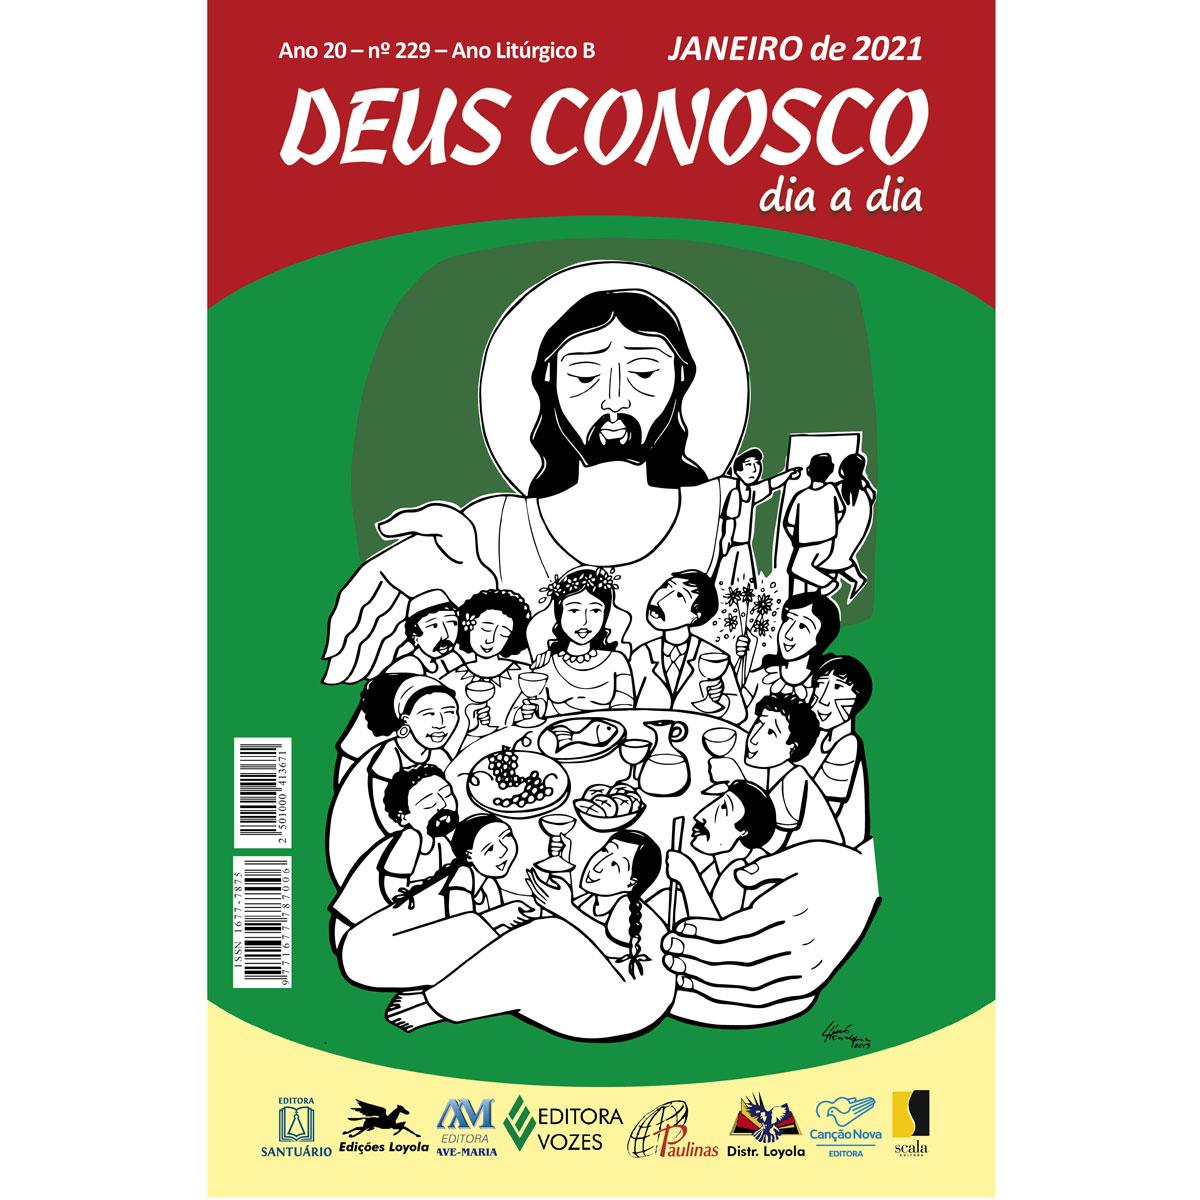 Deus Conosco - Janeiro 2021  - VindVedShop - Distribuidora Catolica